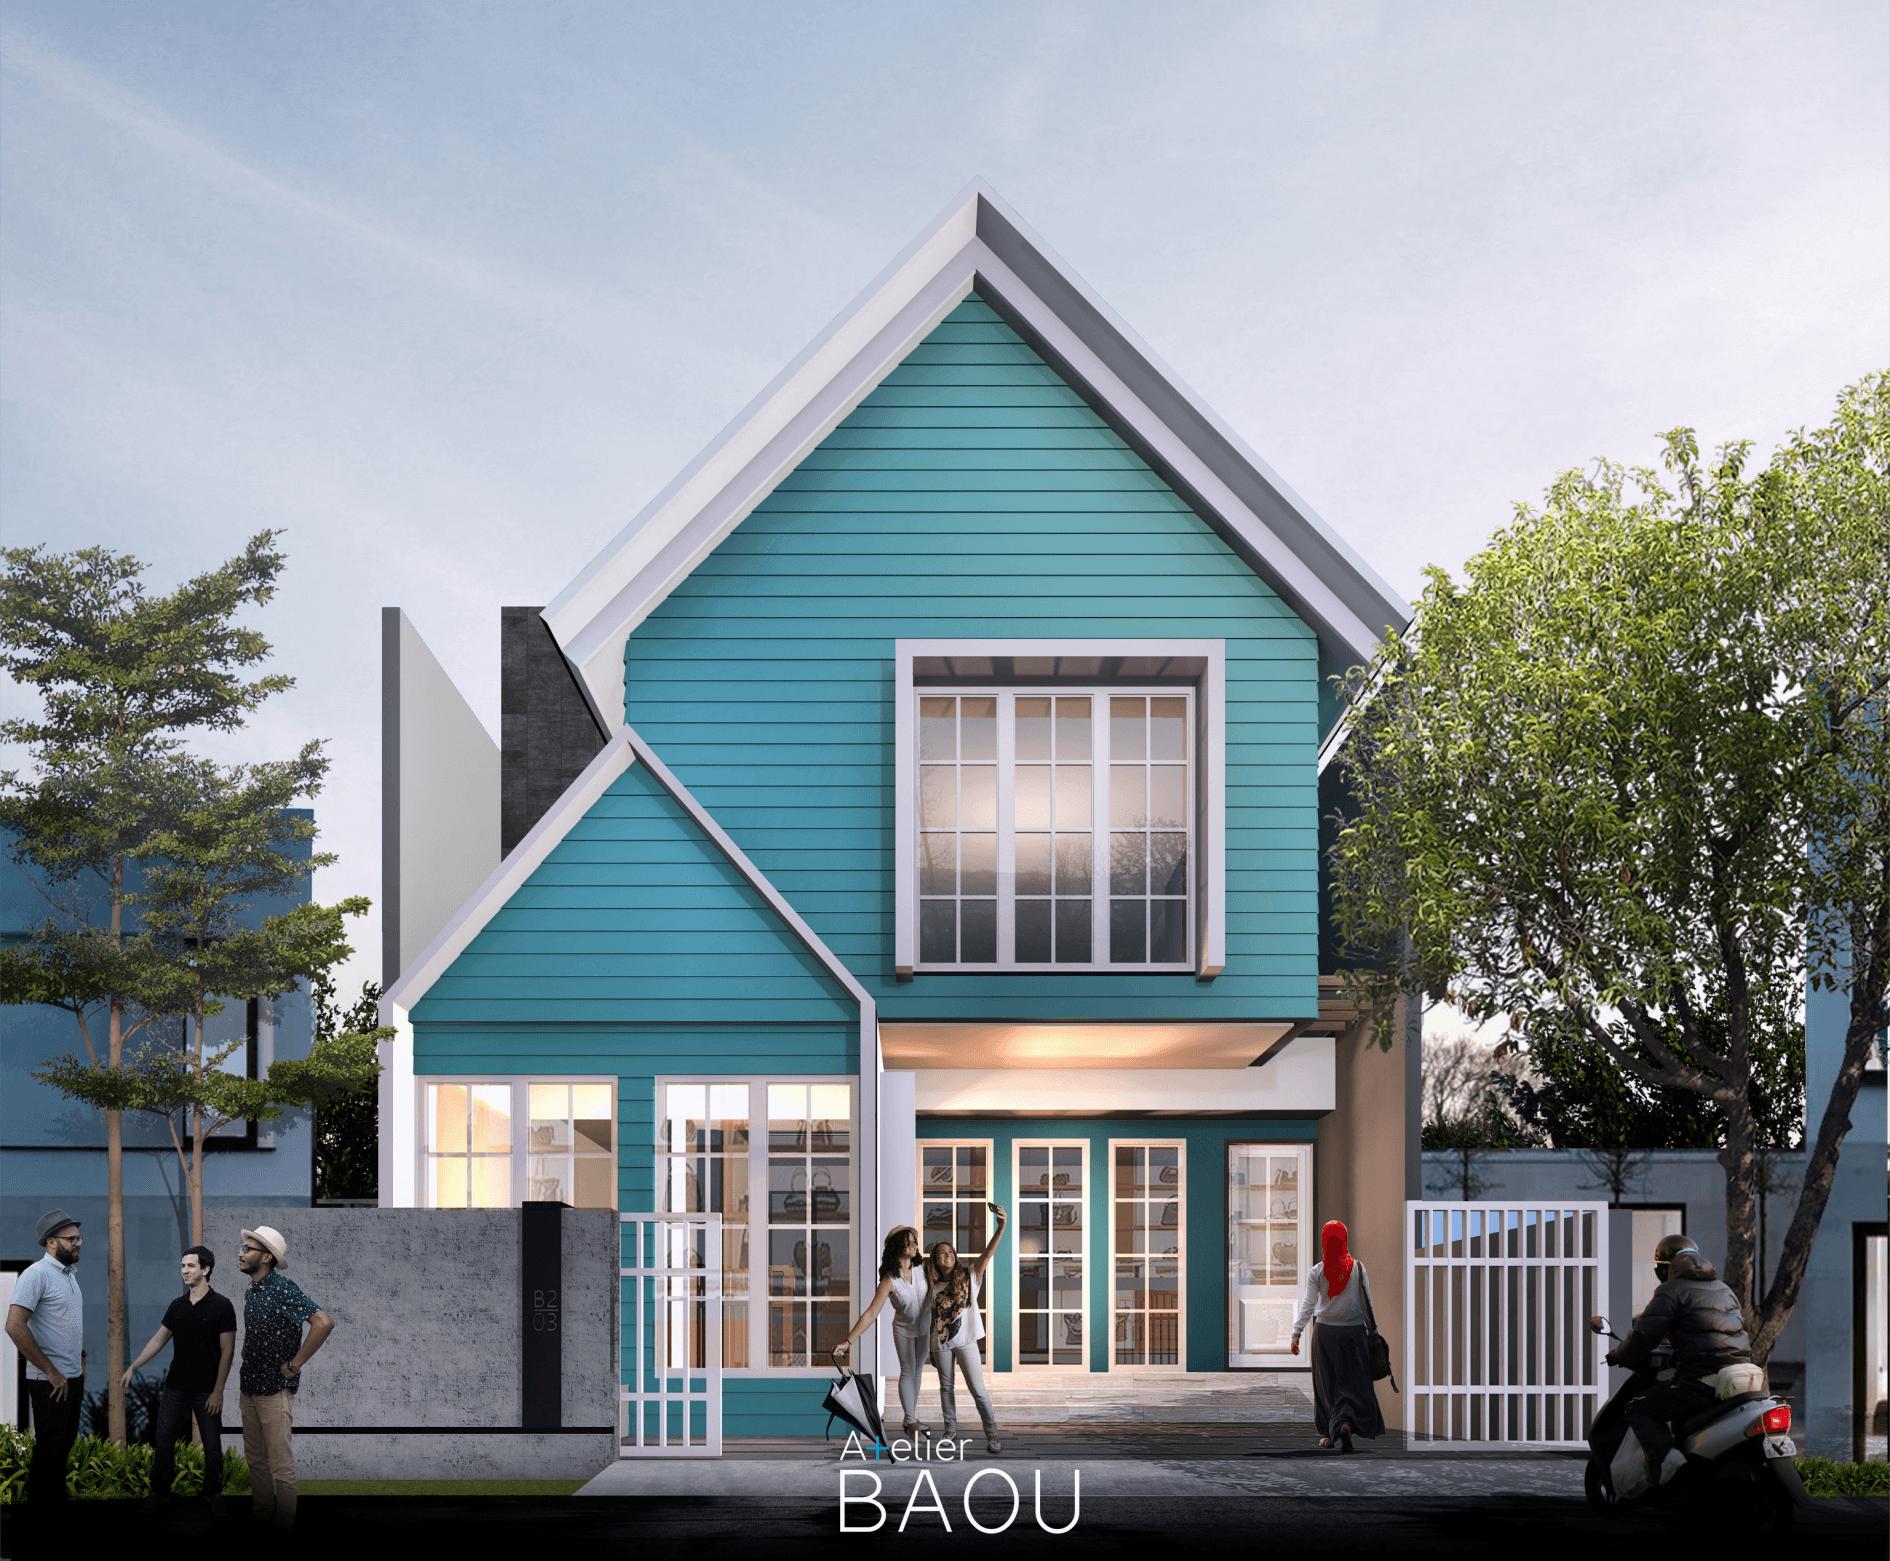 Atelier Baou I House Bintara, Kec. Bekasi Bar., Kota Bks, Jawa Barat, Indonesia Bintara, Kec. Bekasi Bar., Kota Bks, Jawa Barat, Indonesia Atelier-Baou-I-House   86473